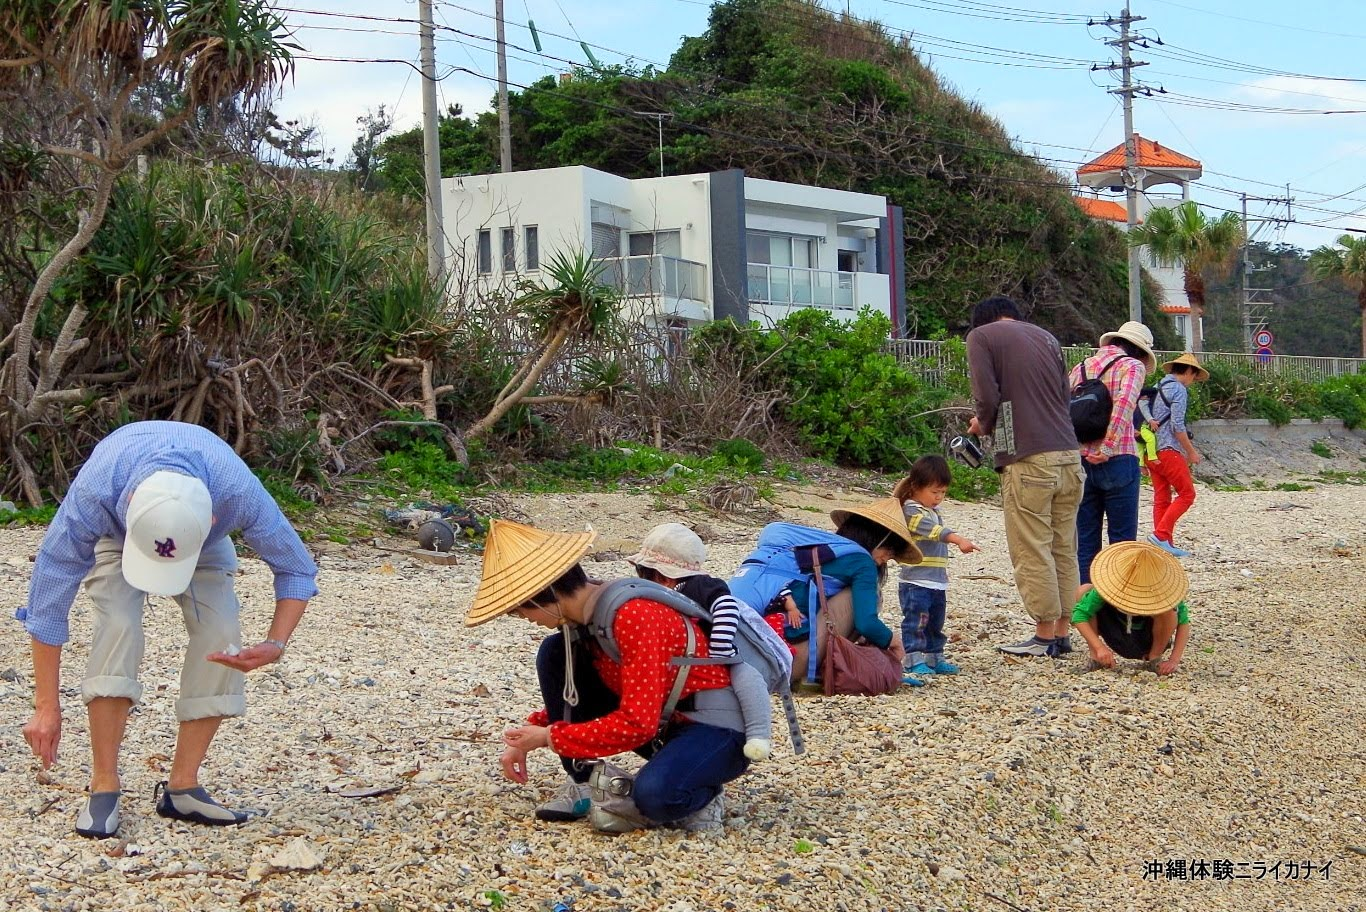 体験/観光 沖縄家族旅行 シーサー作り 子ども 大人